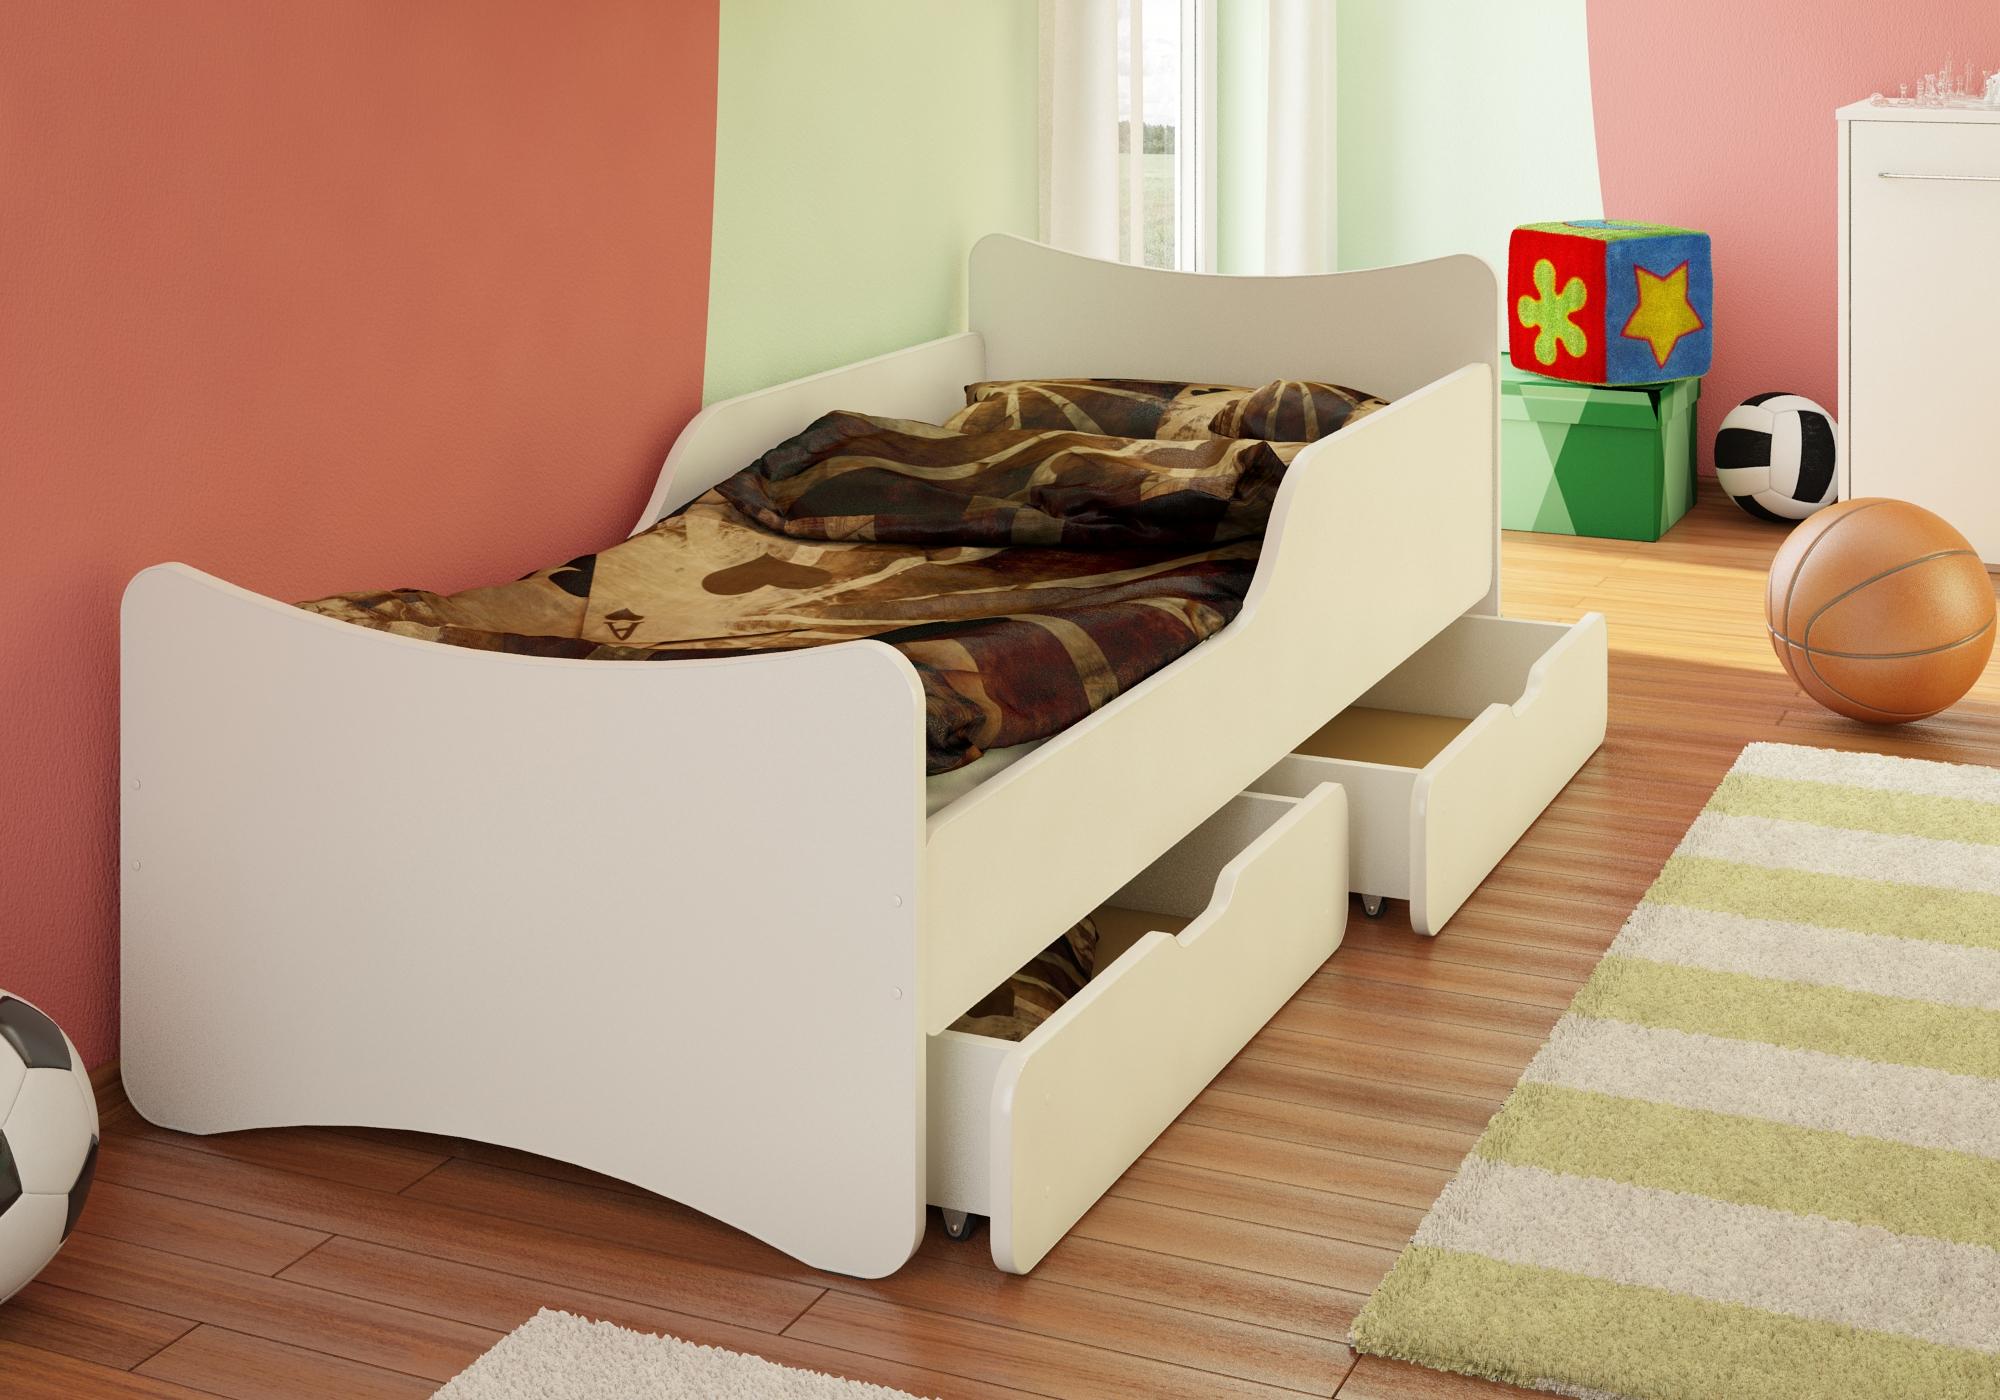 Full Size of Bett 80x200 Best For Kids Kinderbett Jugendbett Wei Weiss Schubladen 180x200 Schwarz Kleinkind 120 Cm Breit Ebay Betten Rauch 140x200 Schlafzimmer Set Mit Bett Bett 80x200